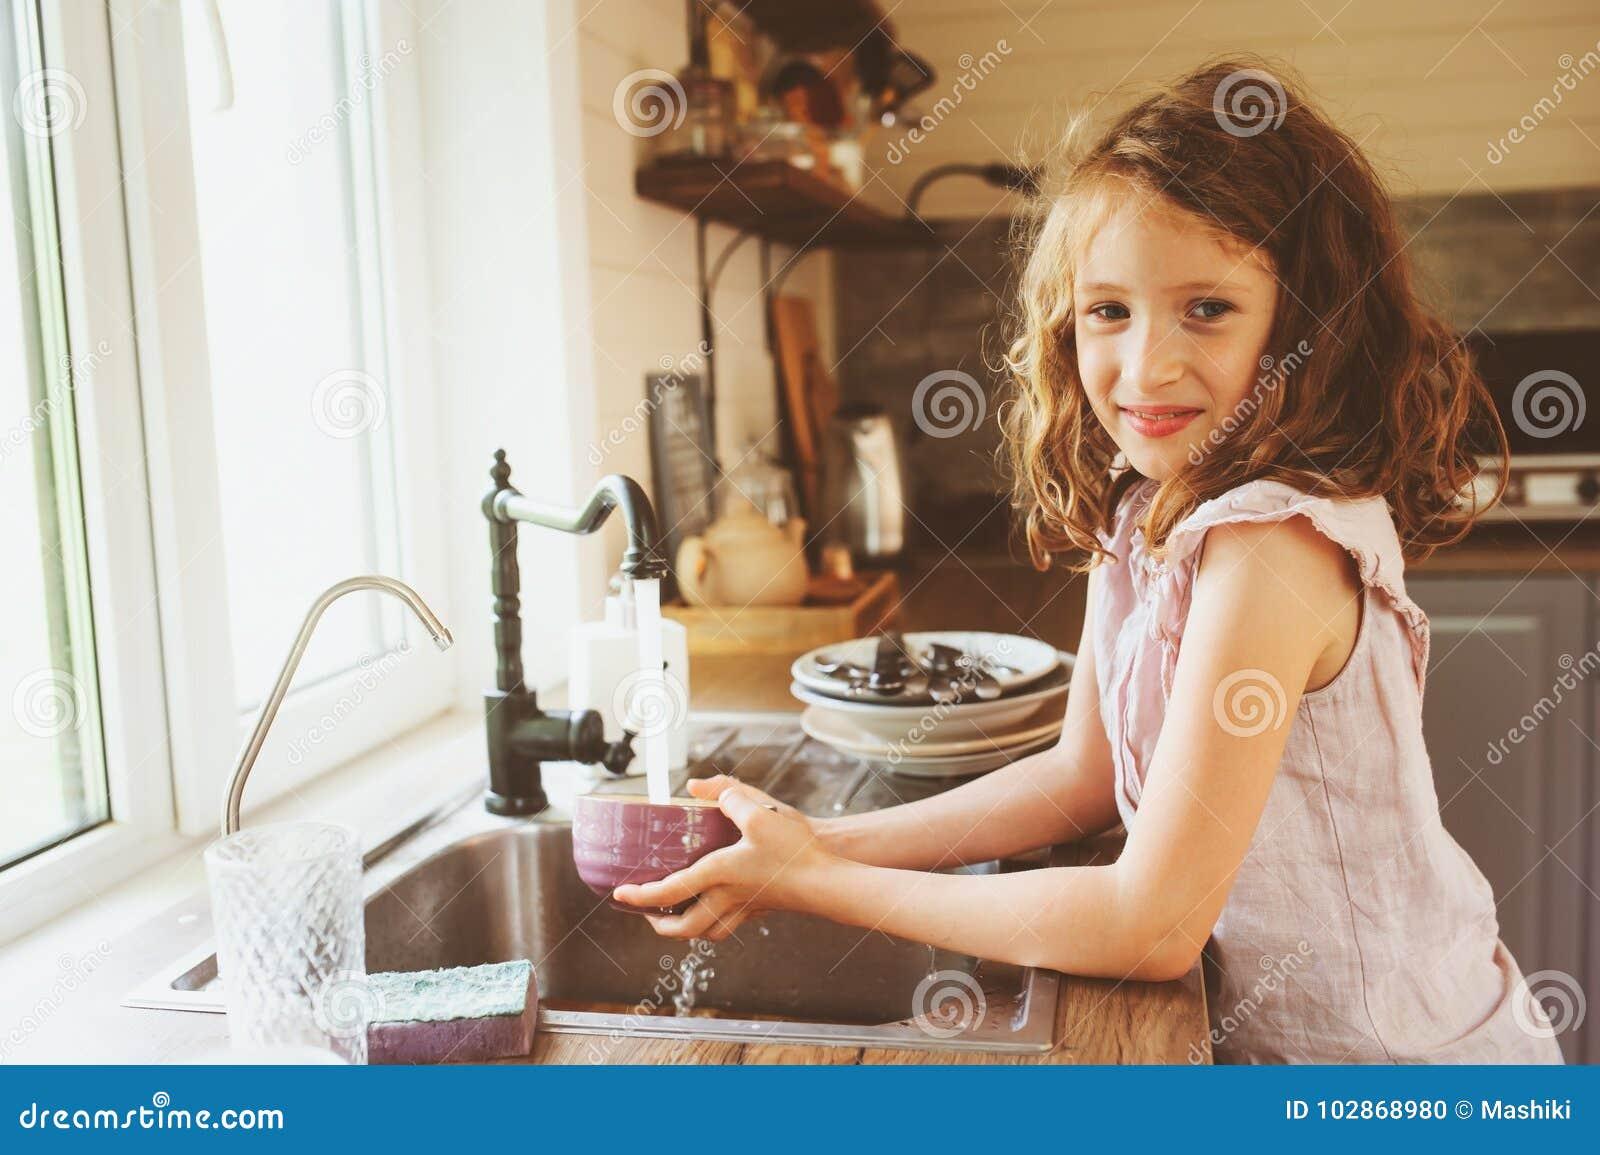 Как сделать девушке ребёнка фото 768